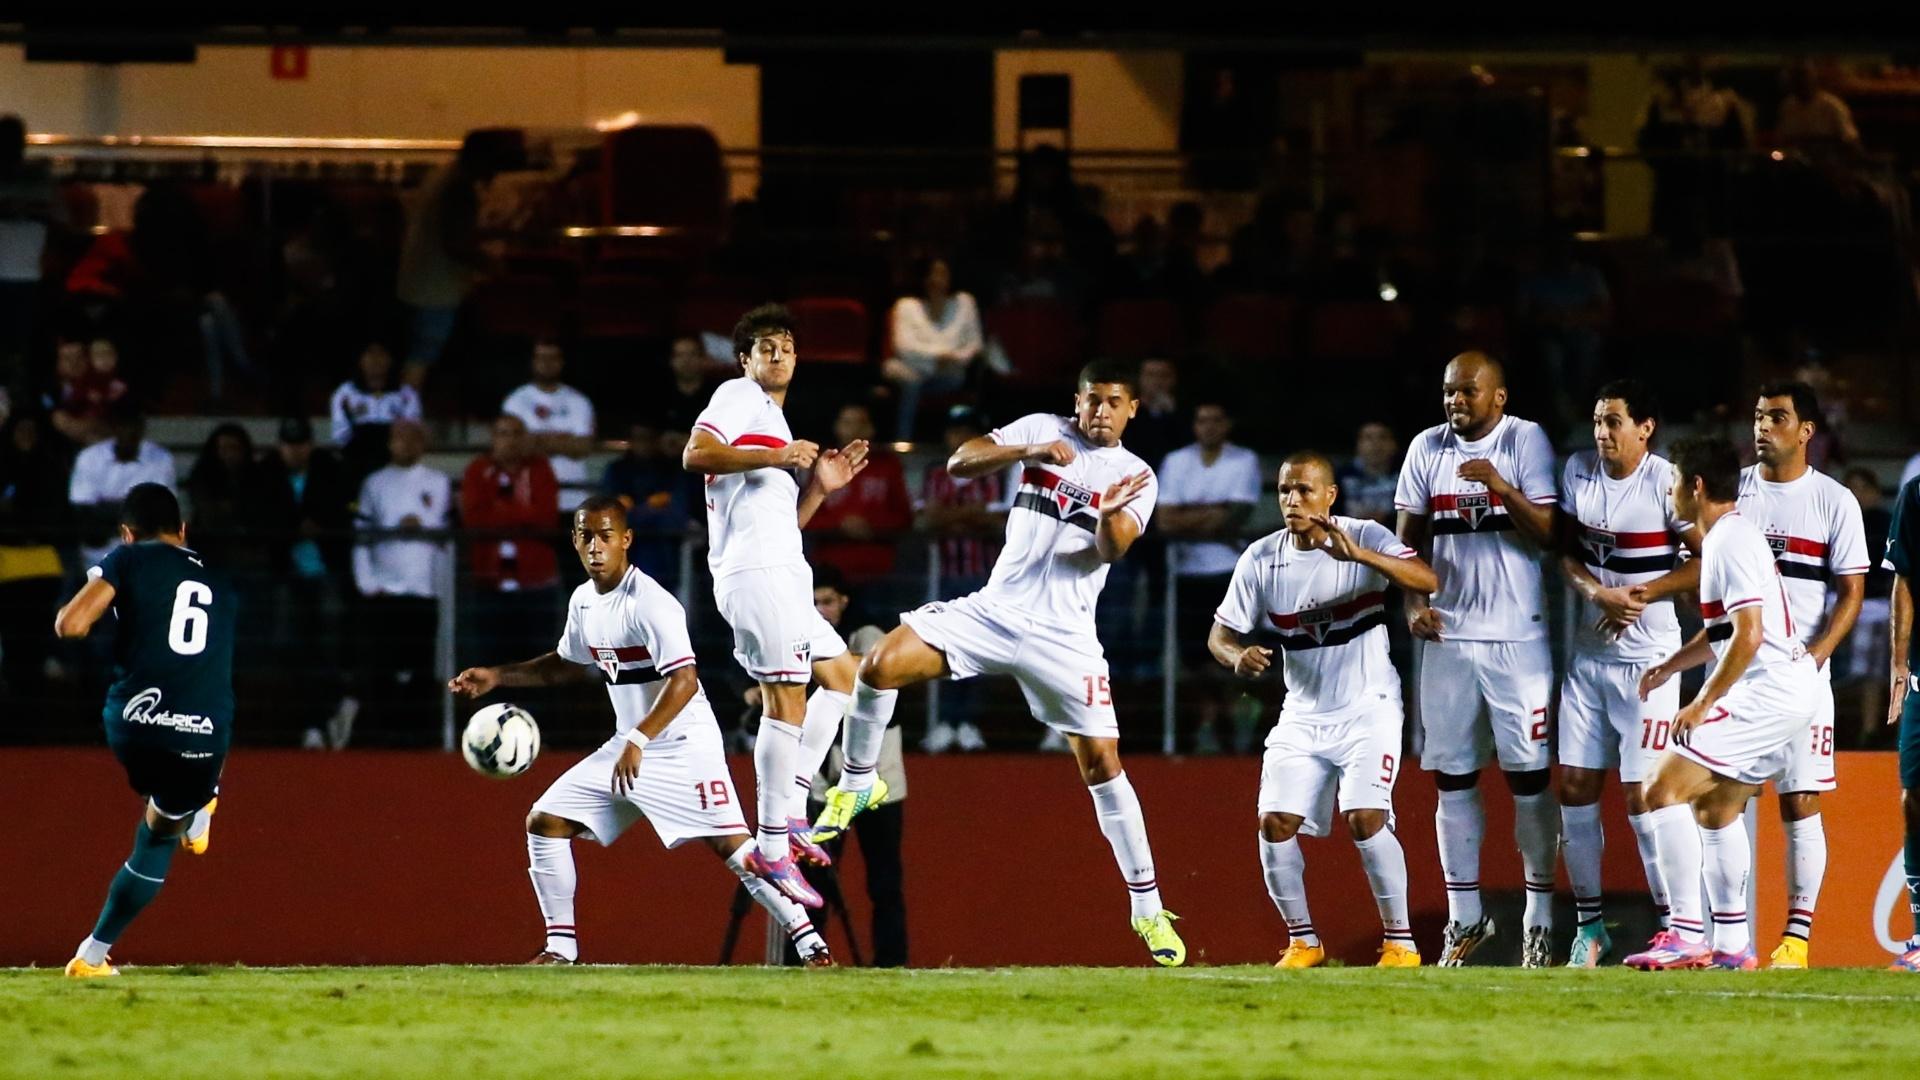 Jogadores do São Paulo tentam parar cobrança de falta do Goiás no Morumbi (27.out.2014)